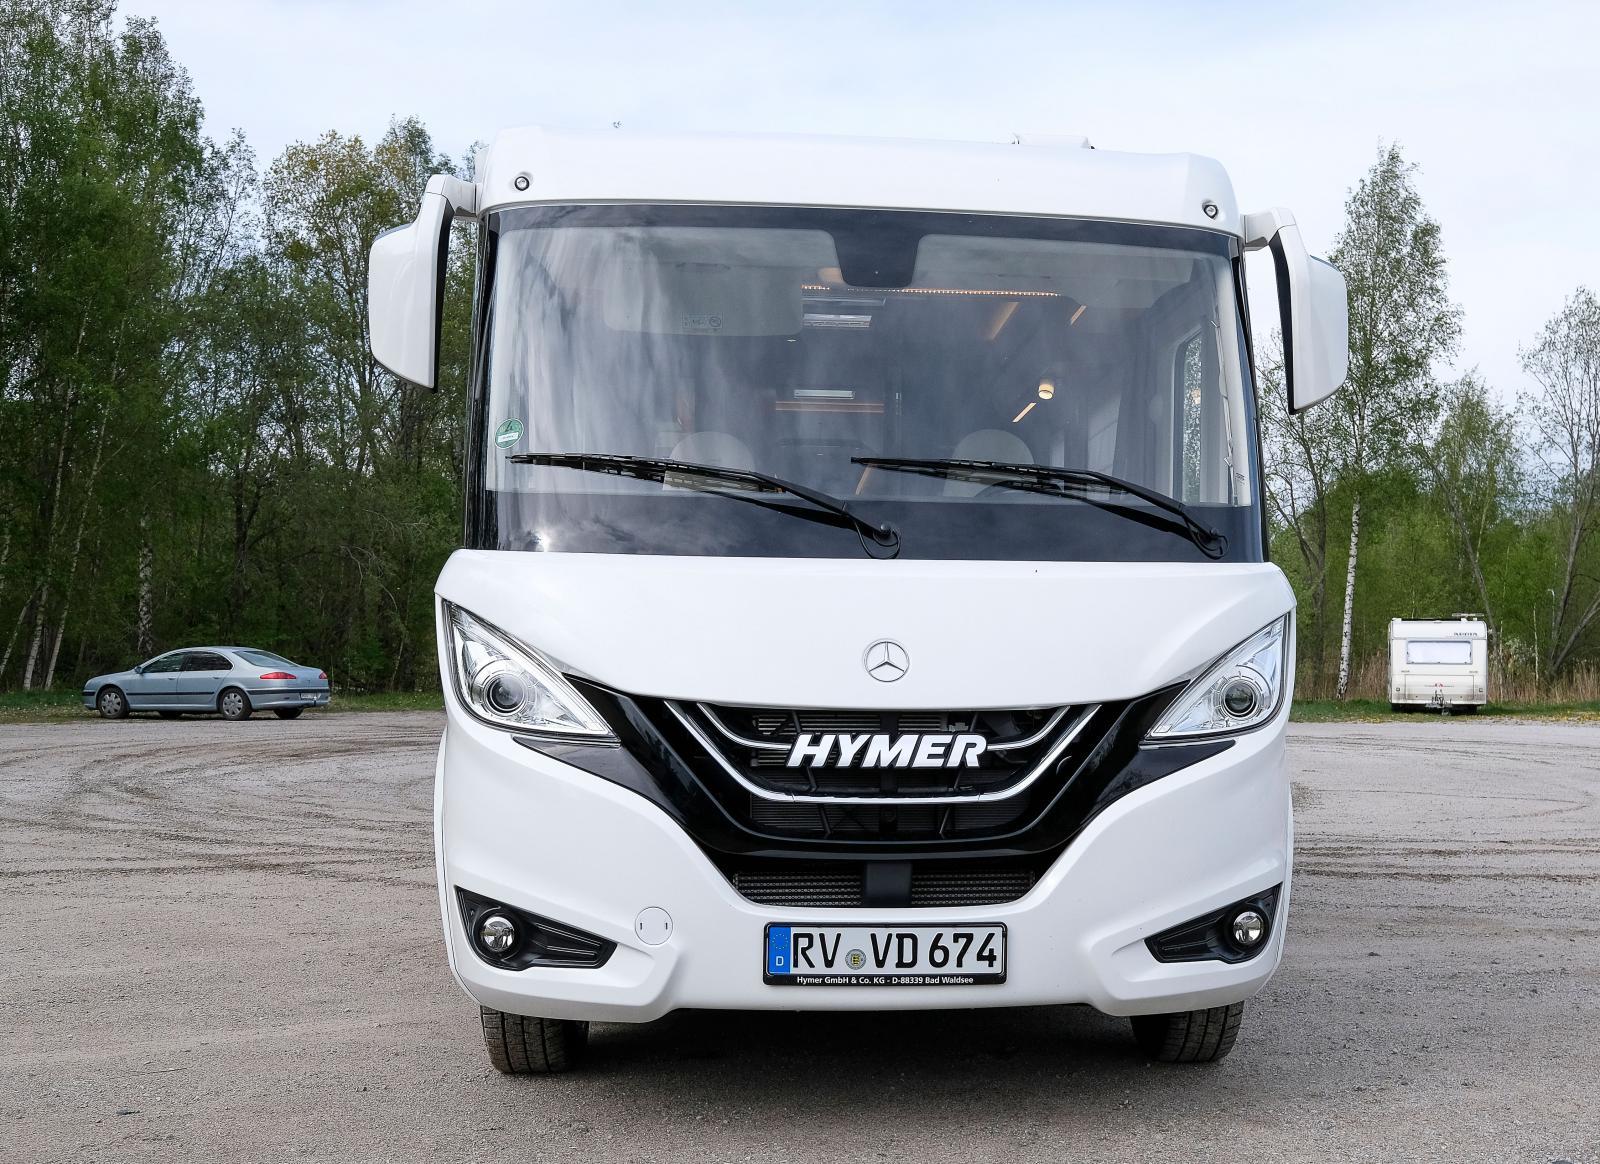 Designen med de aningens utåtstående huvudstrålkastarna är gjord av en tysk designbyrå som ofta anlitas till husbilar.